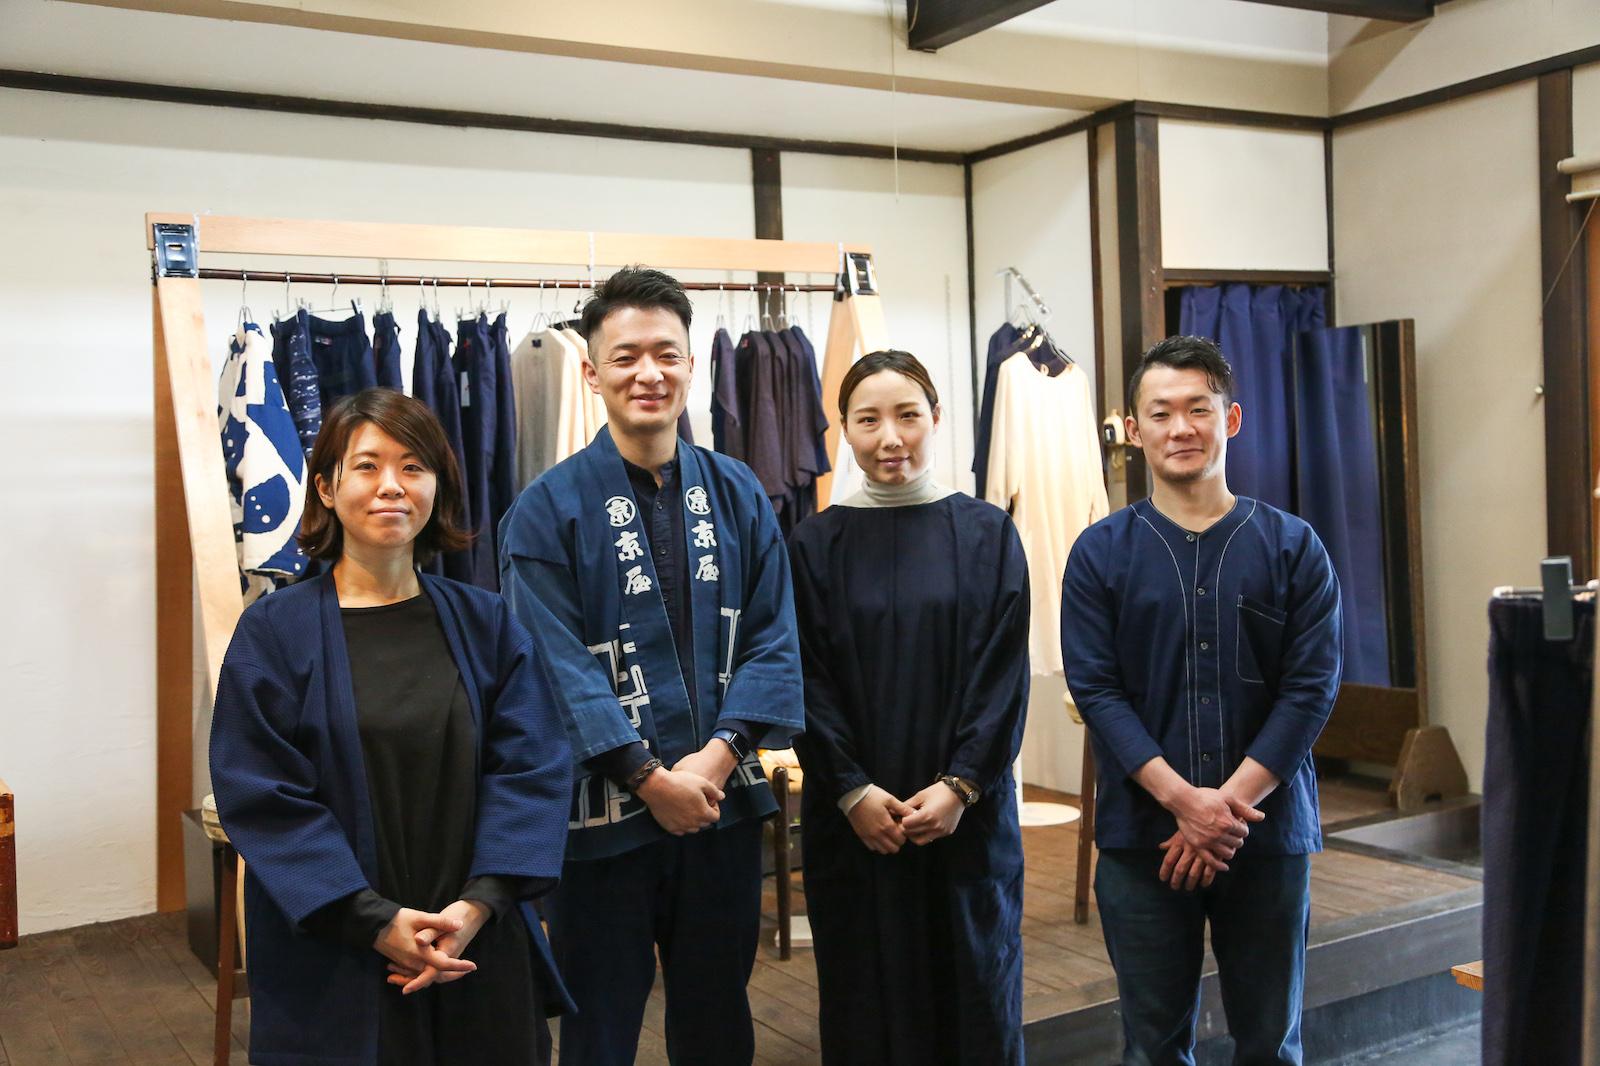 左から京屋染物店の三浦真衣さん、蜂谷悠介さん、庄子さおりさん、寺嶋康平さん